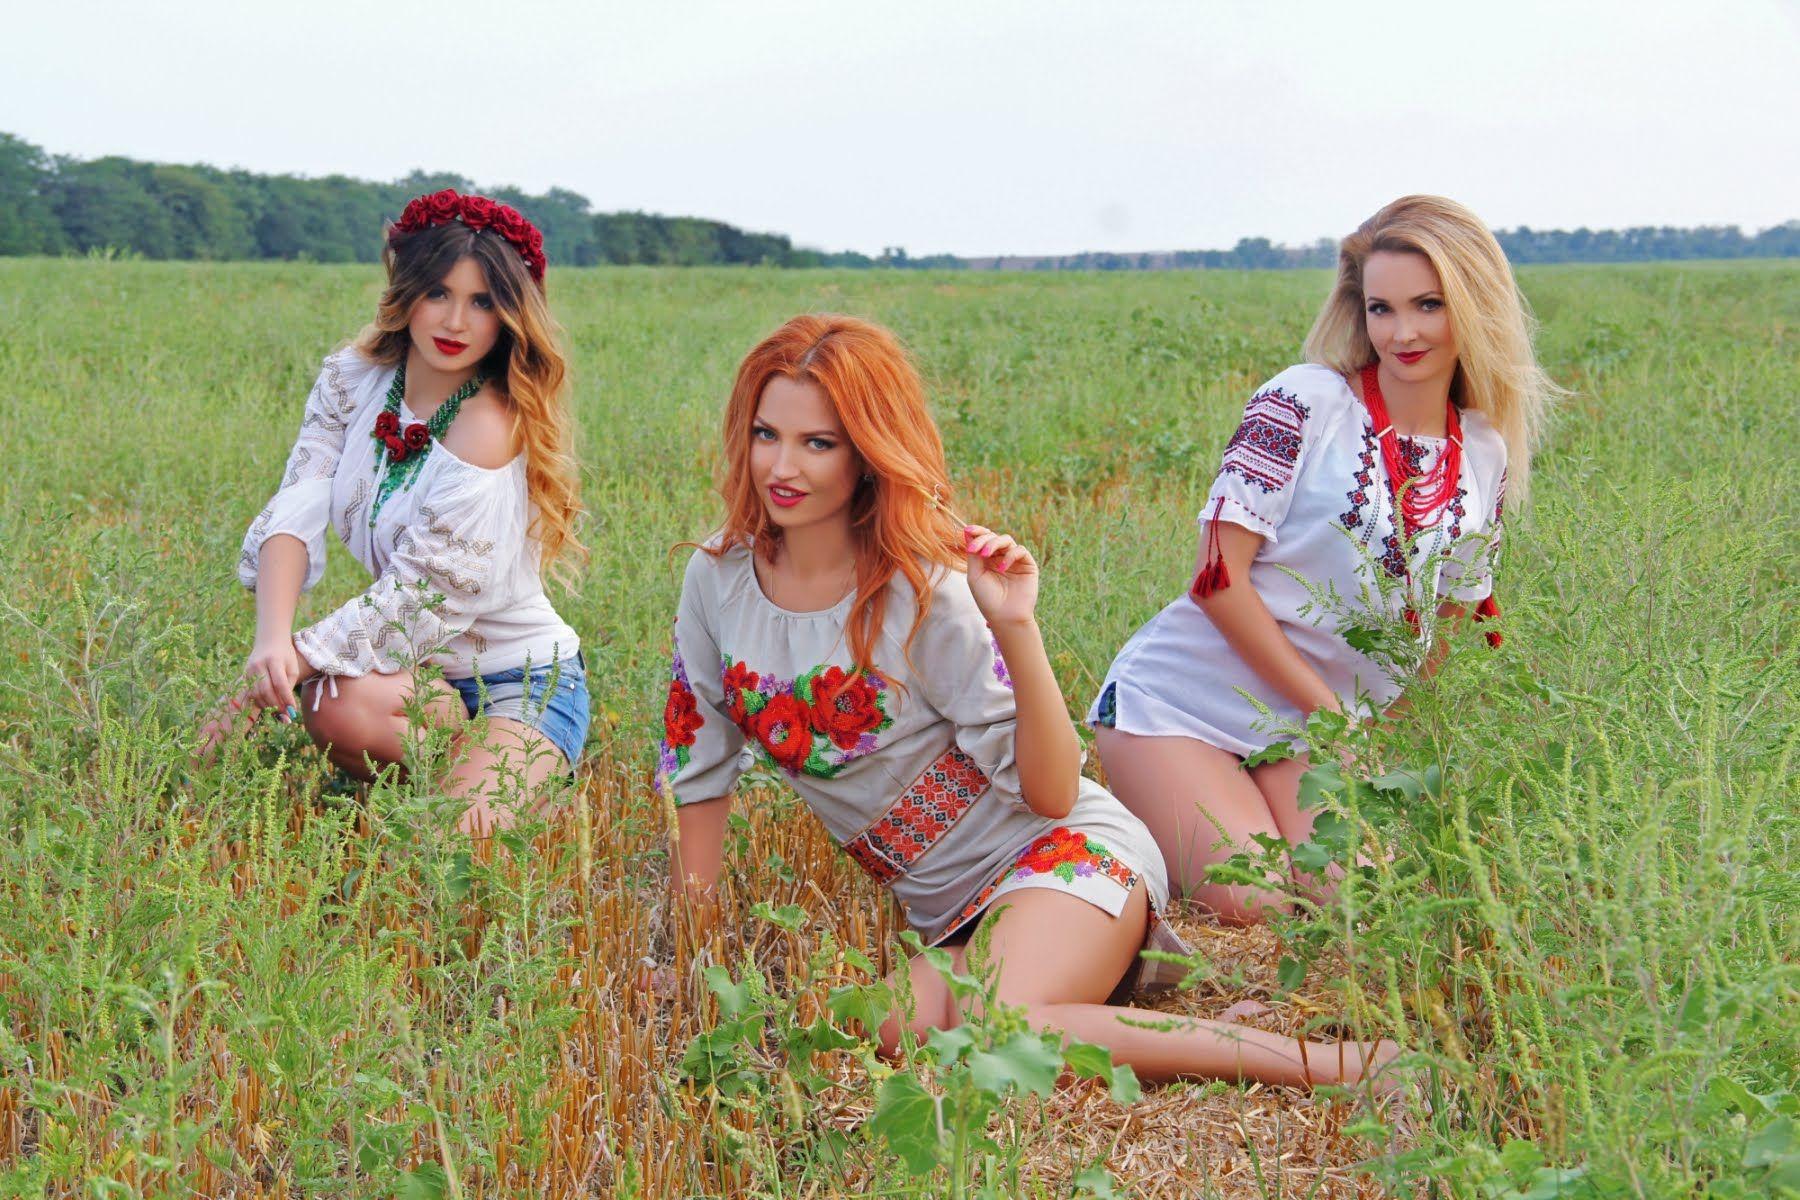 Deutsch polnische dating Seite